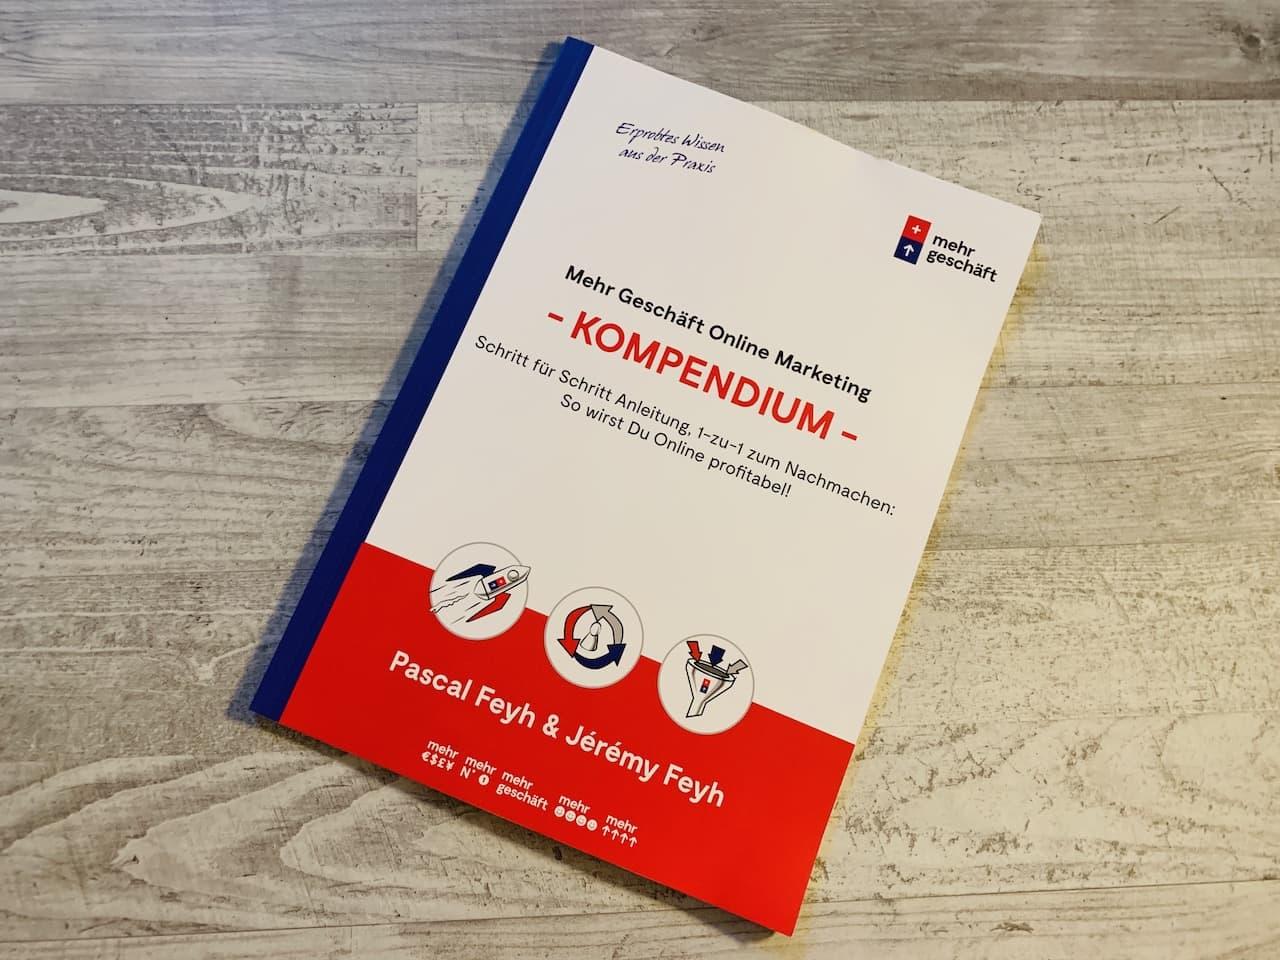 Das Online Marketing Kompendium von Mehr Geschäft Cover Front